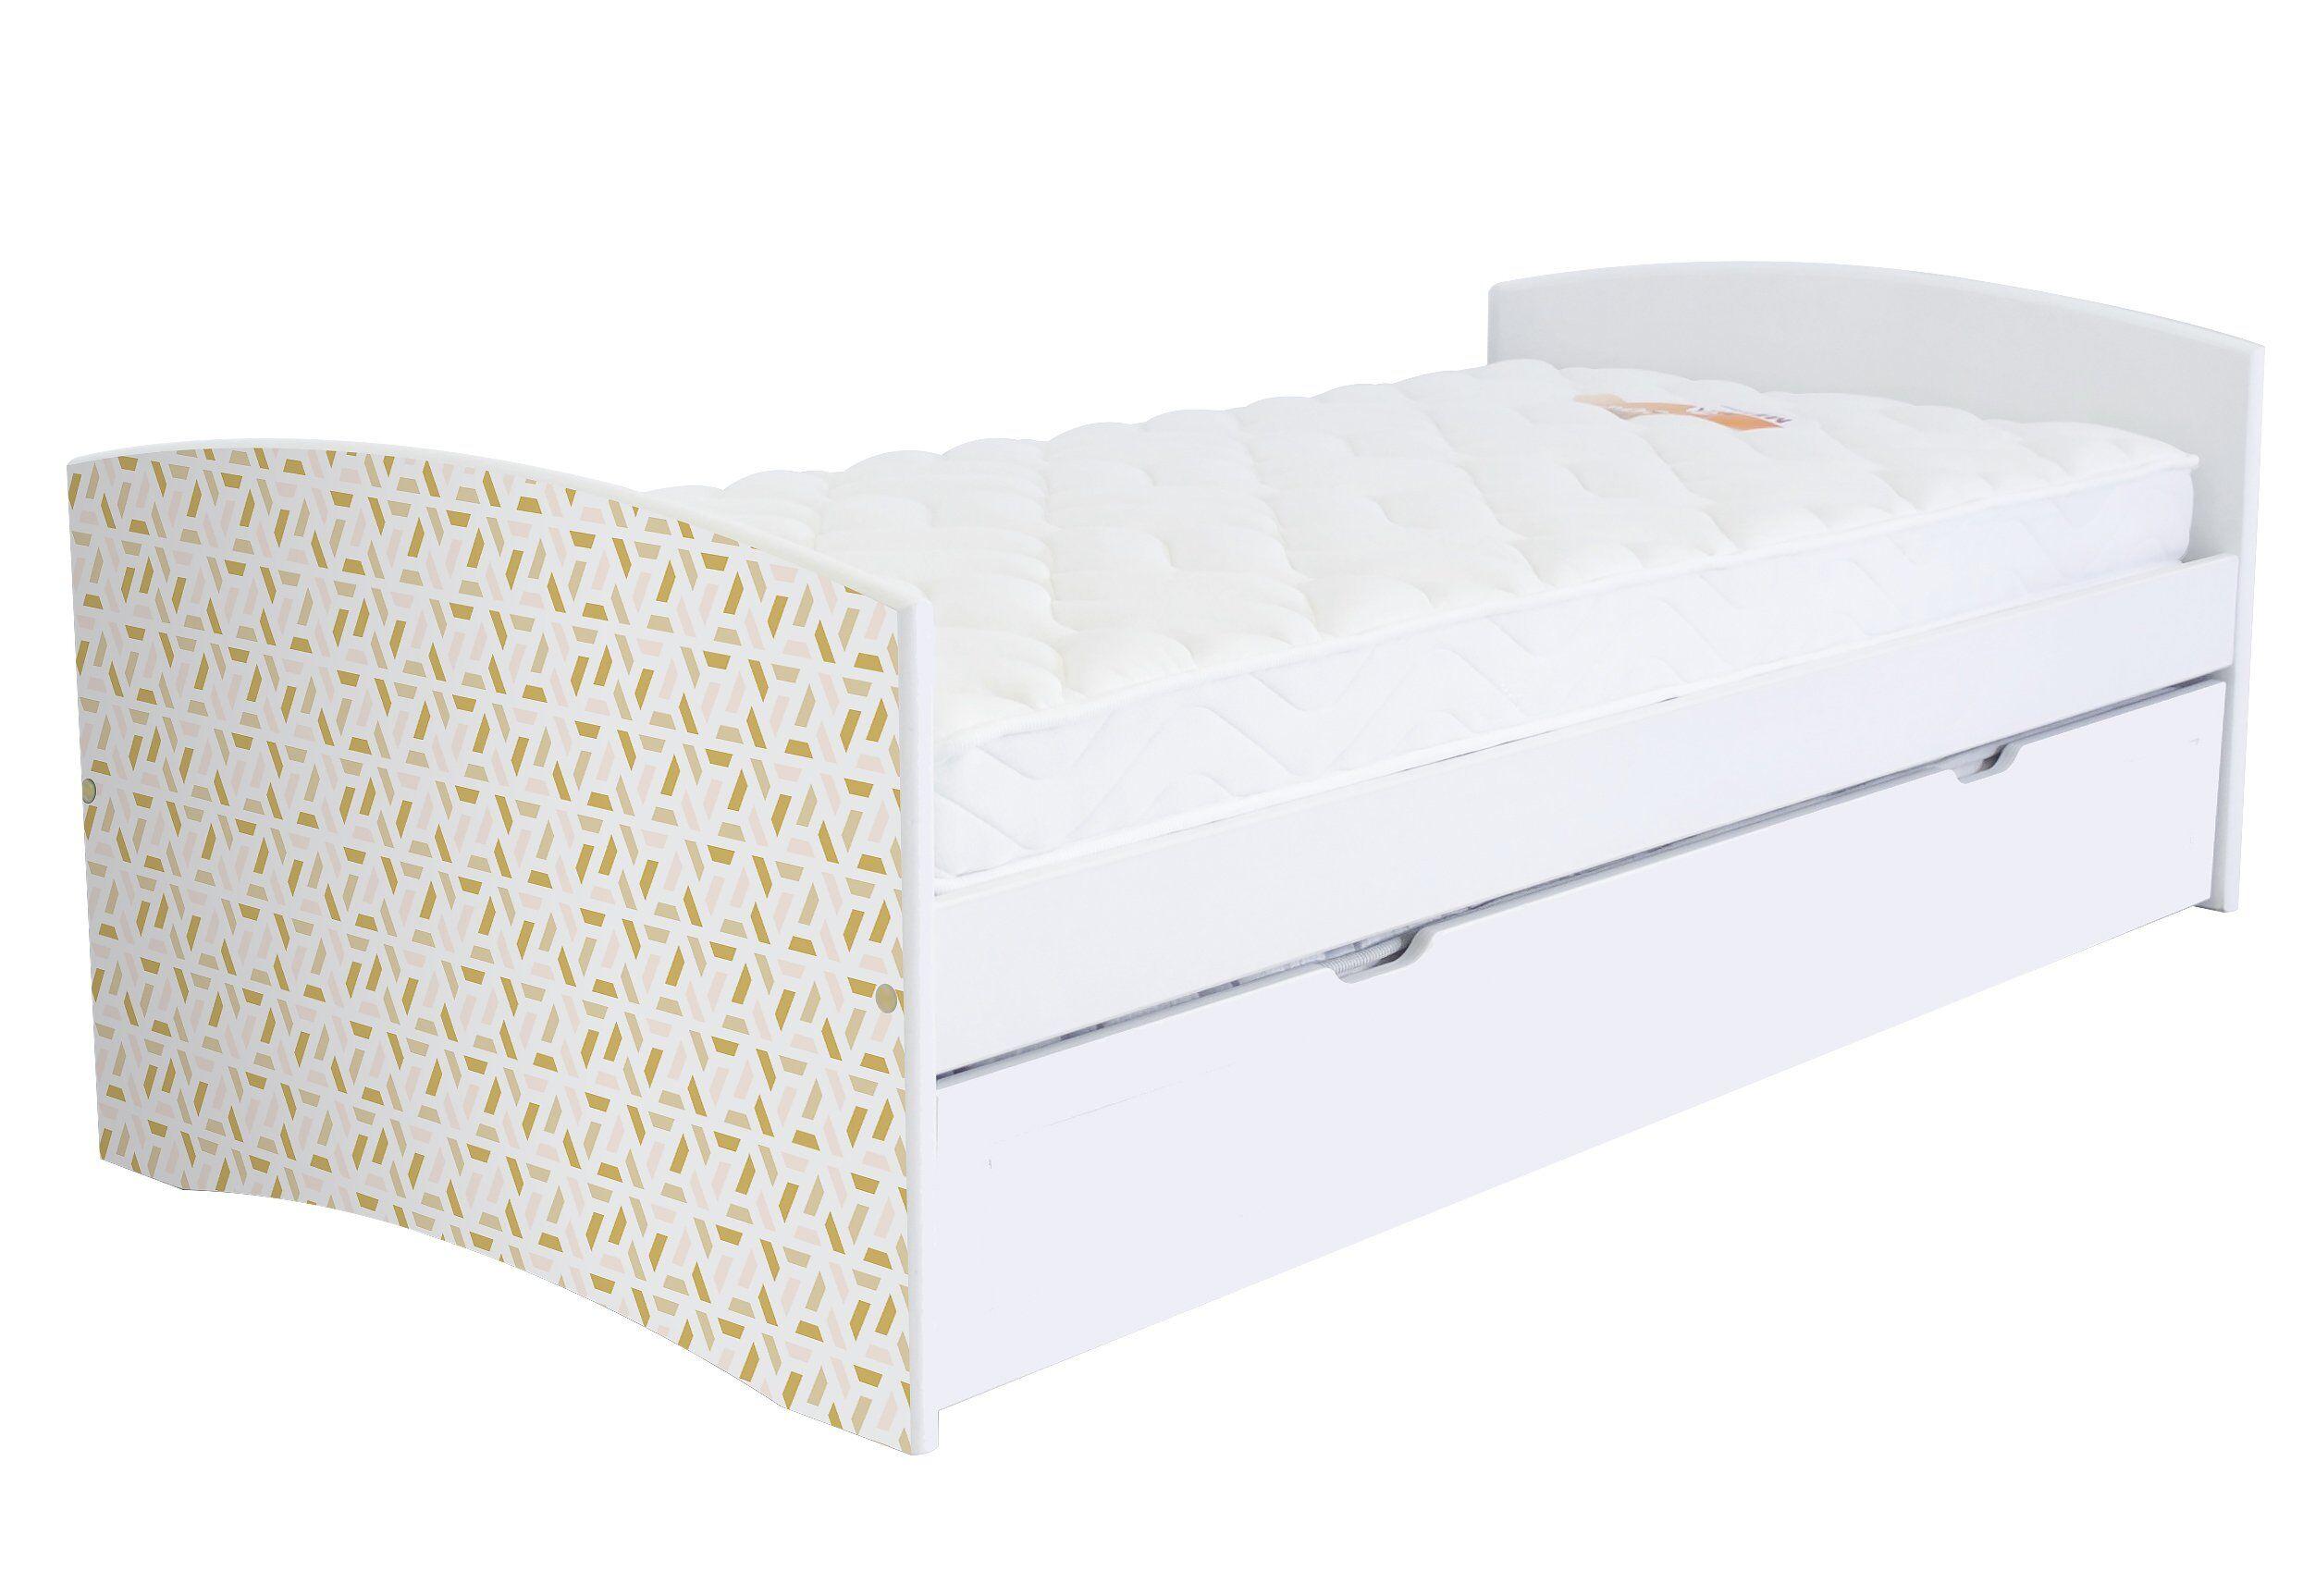 ABC MEUBLES Banquette lit gigogne Happy 90x190 bois et décor - 90x190 - Décor géométrique